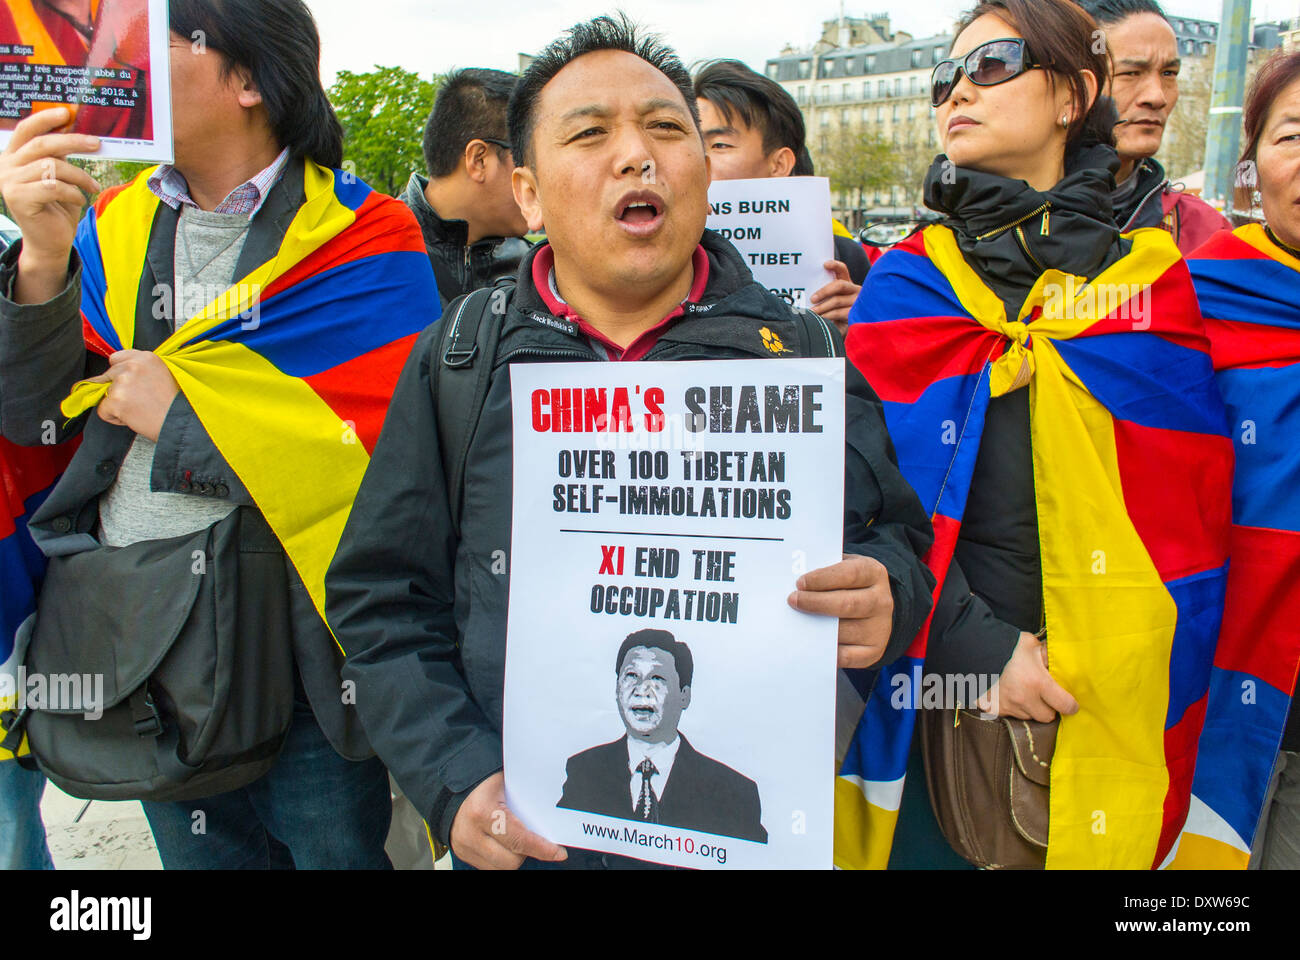 Folla, Tibetano, Comunità etniche taiwanesi di Francia, e amici hanno chiesto ai cittadini francesi di mobilitarsi durante la visita del presidente cinese Xi Jinping a Parigi, proteste per i diritti dei cittadini, proteste contro la cina Foto Stock